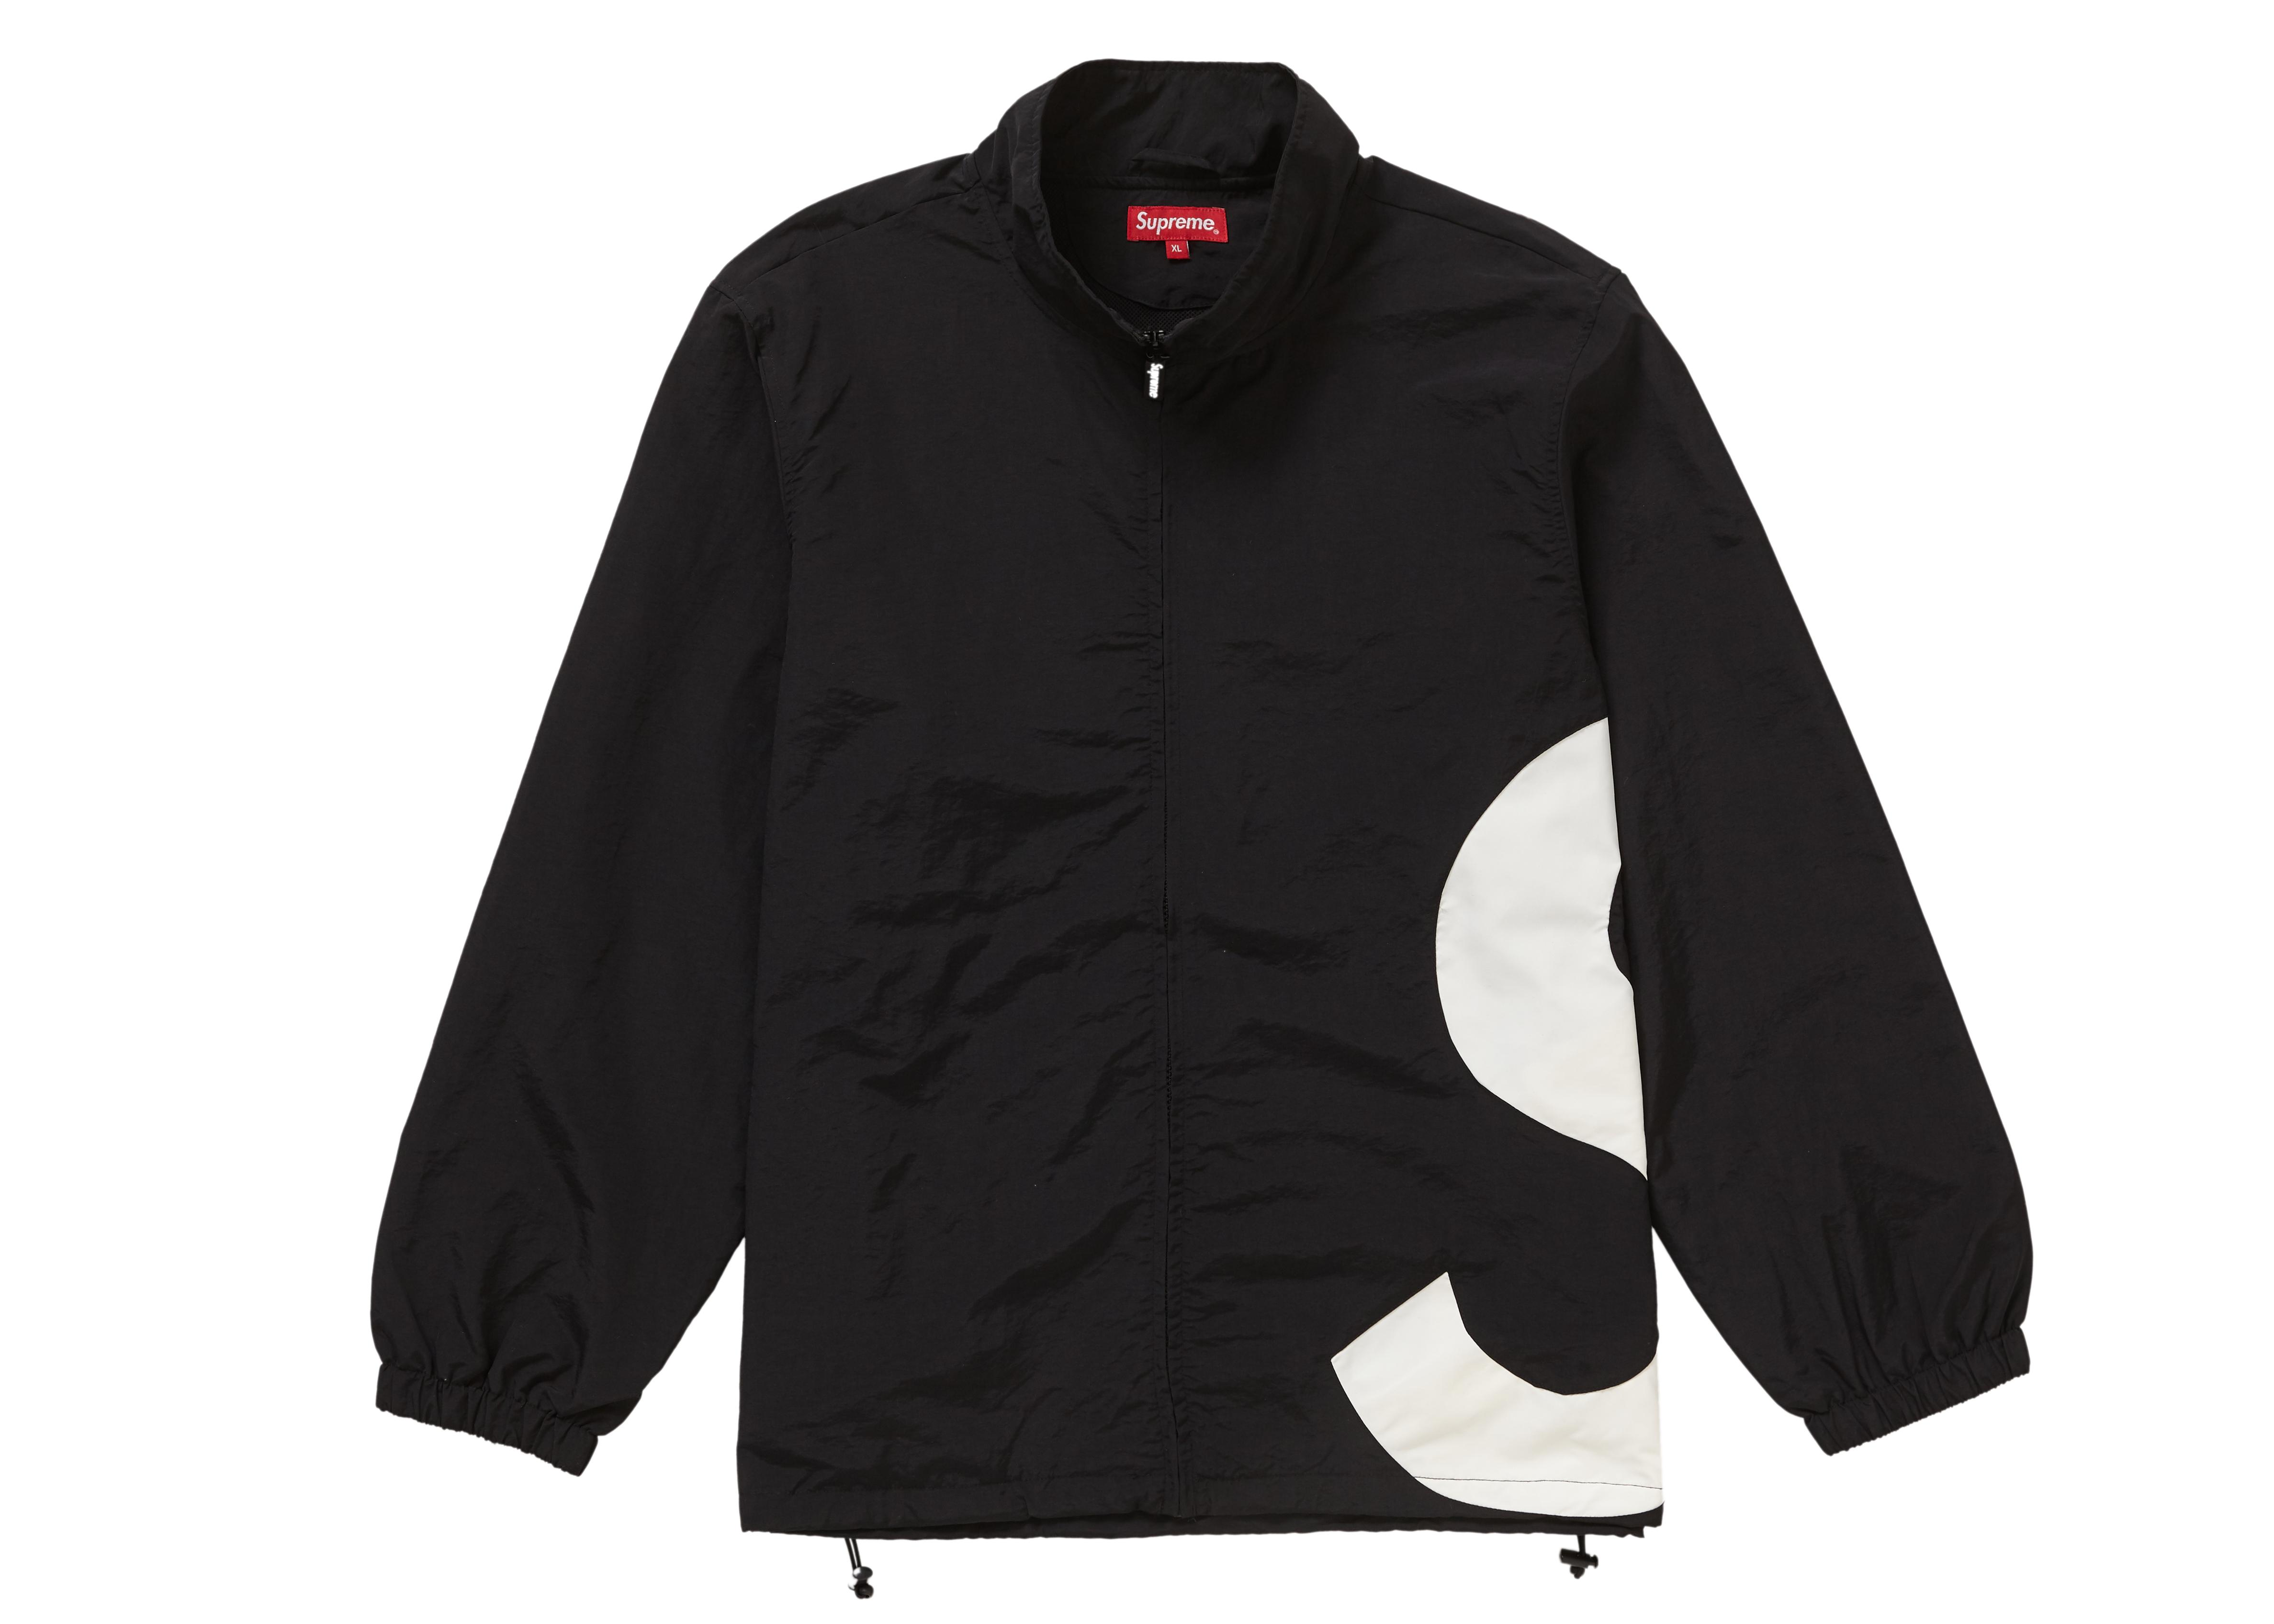 Supreme S Logo Track Jacket Black - SS19